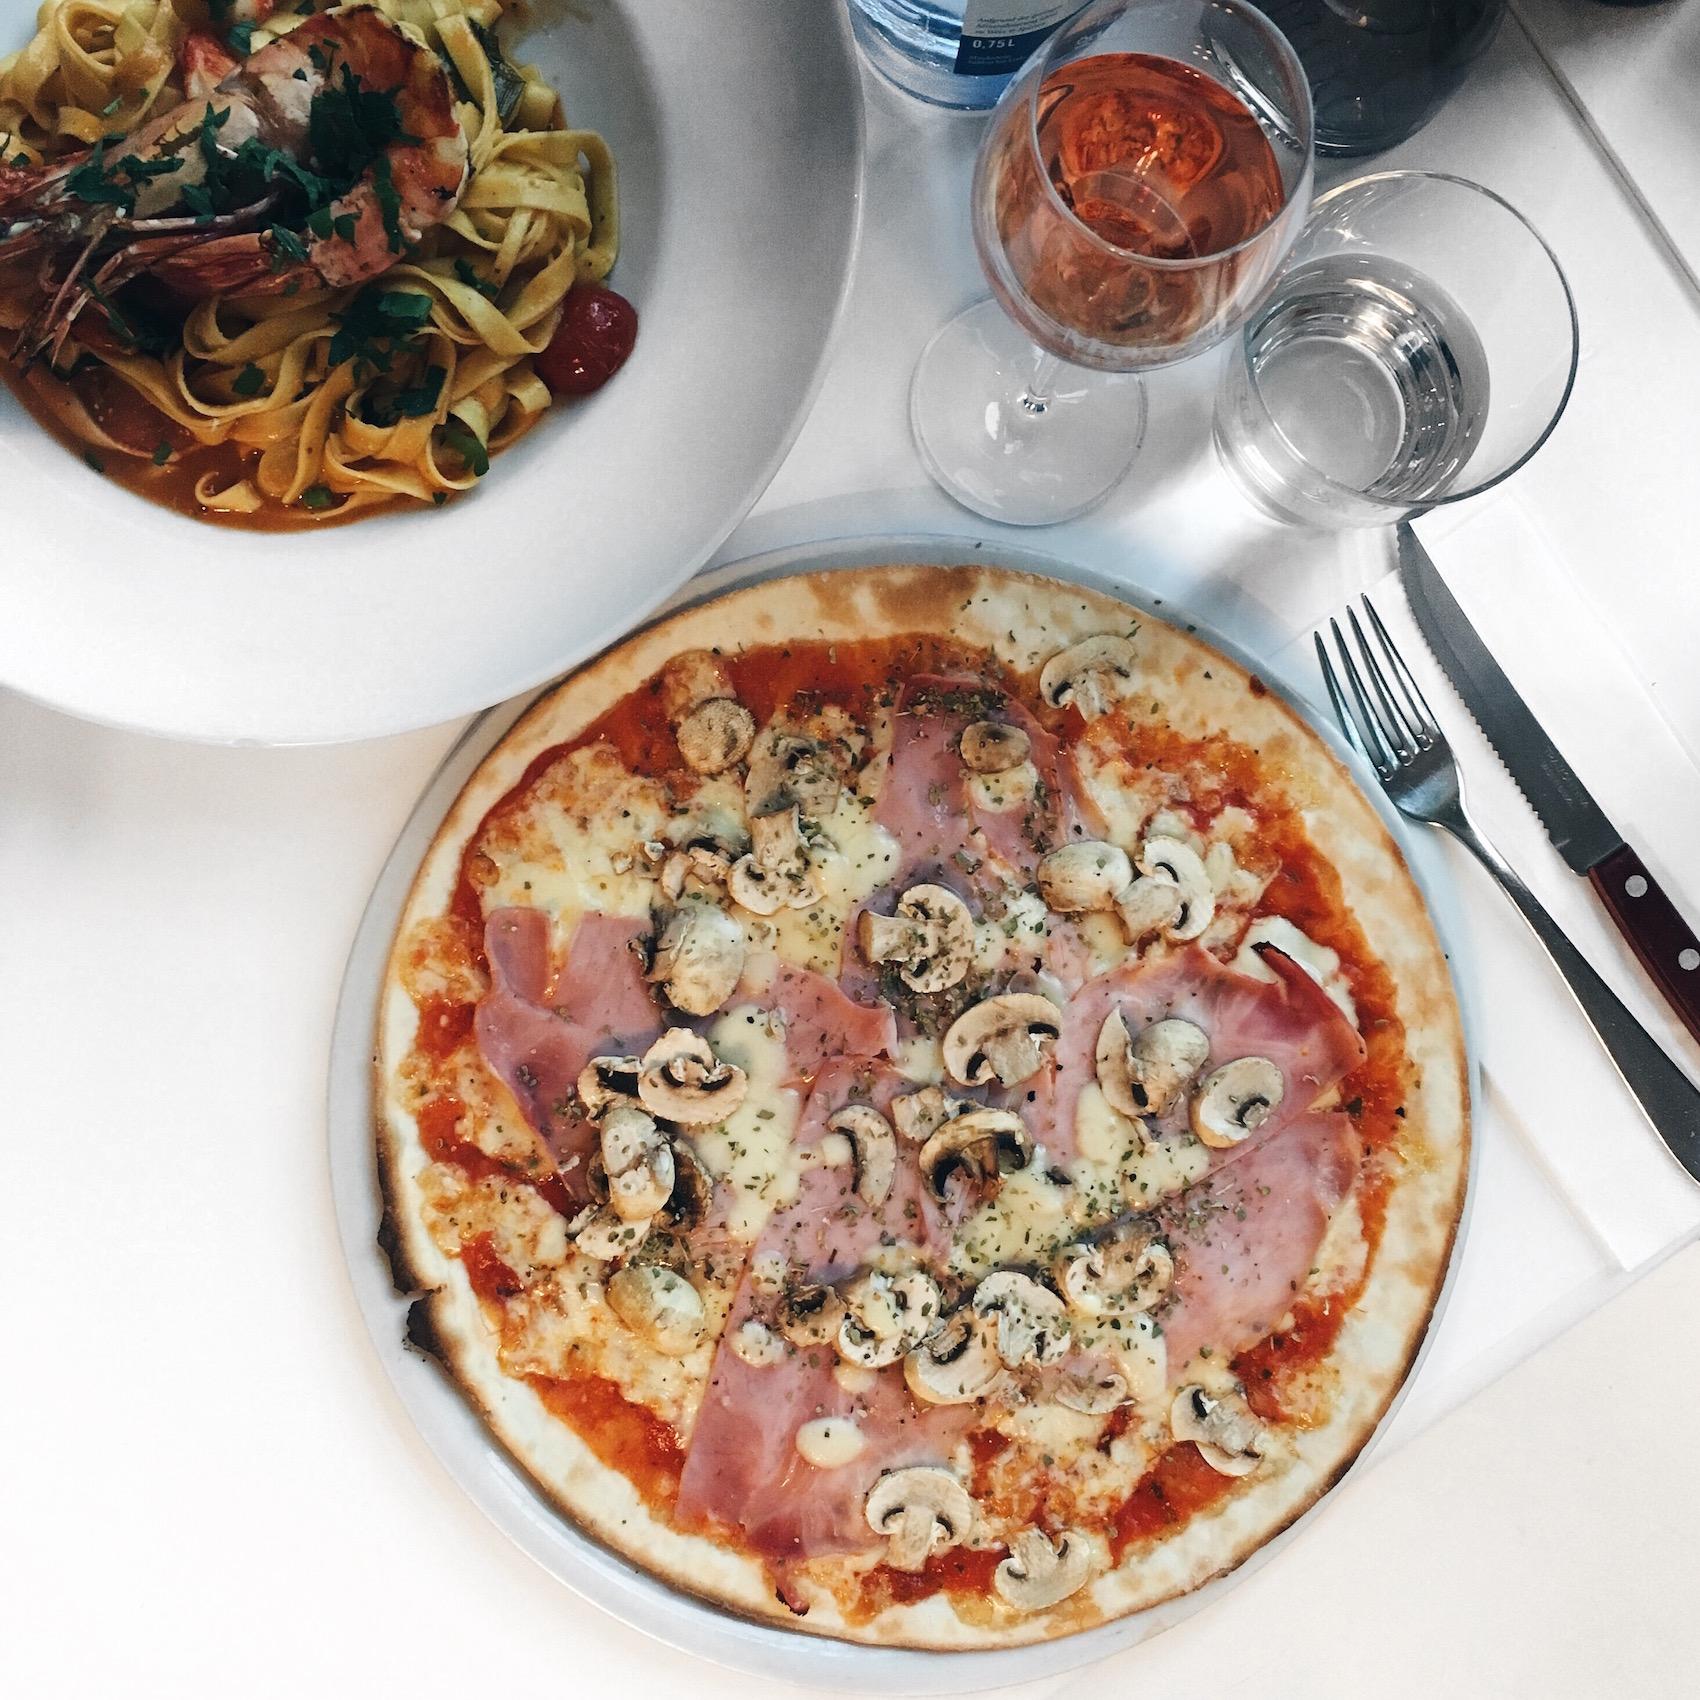 beste glutenfreie pizza in hamburg suelovesnyc_beste_glutenfreie_pizza_in_hamburg_glutenfrei_essen_rudolphs_sue_loves_nyc_susan_fengler